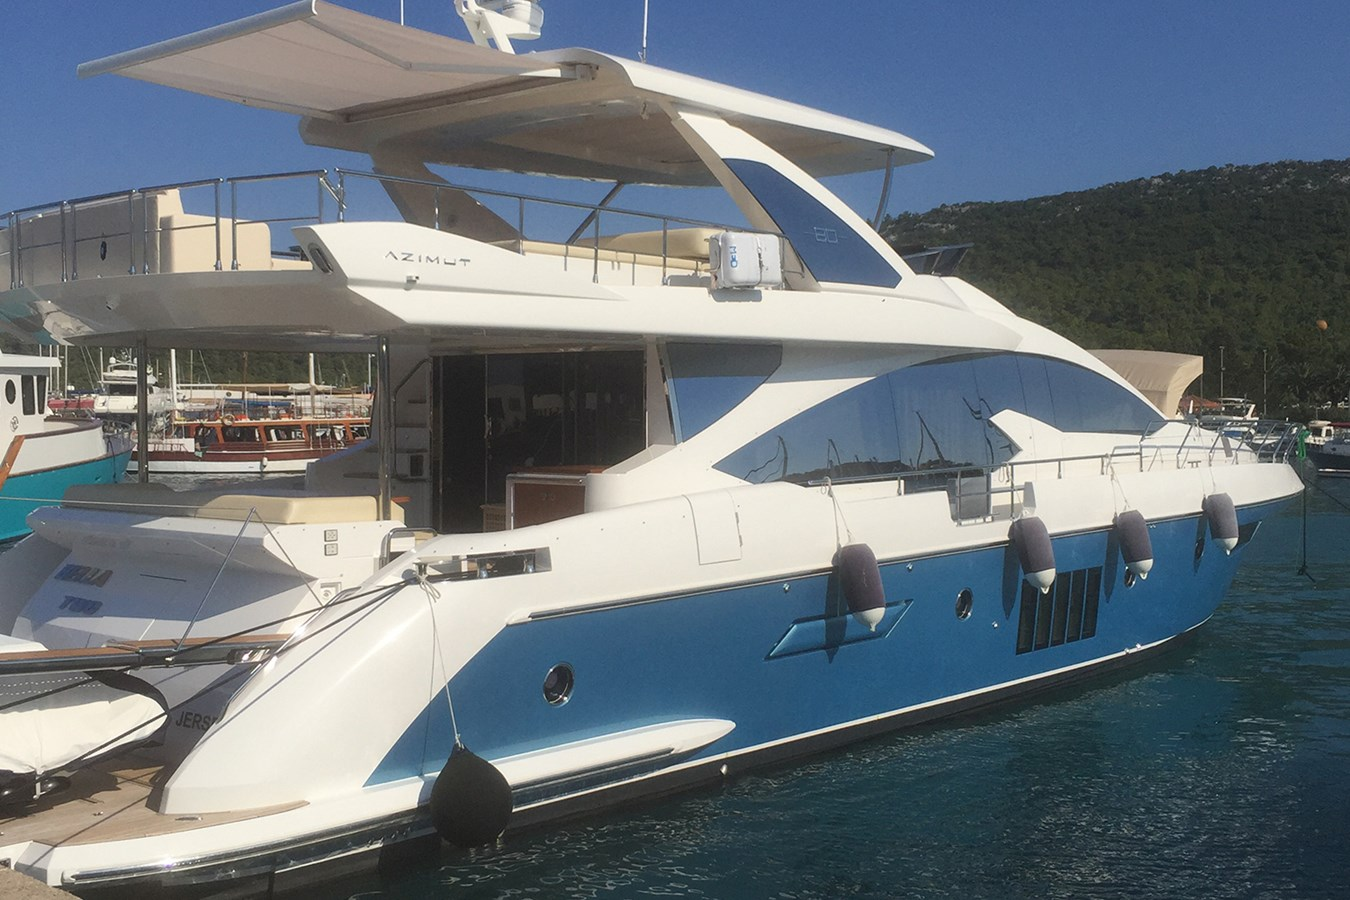 44-Vq33. 2018 AZIMUT 80 Motor Yacht 2746618